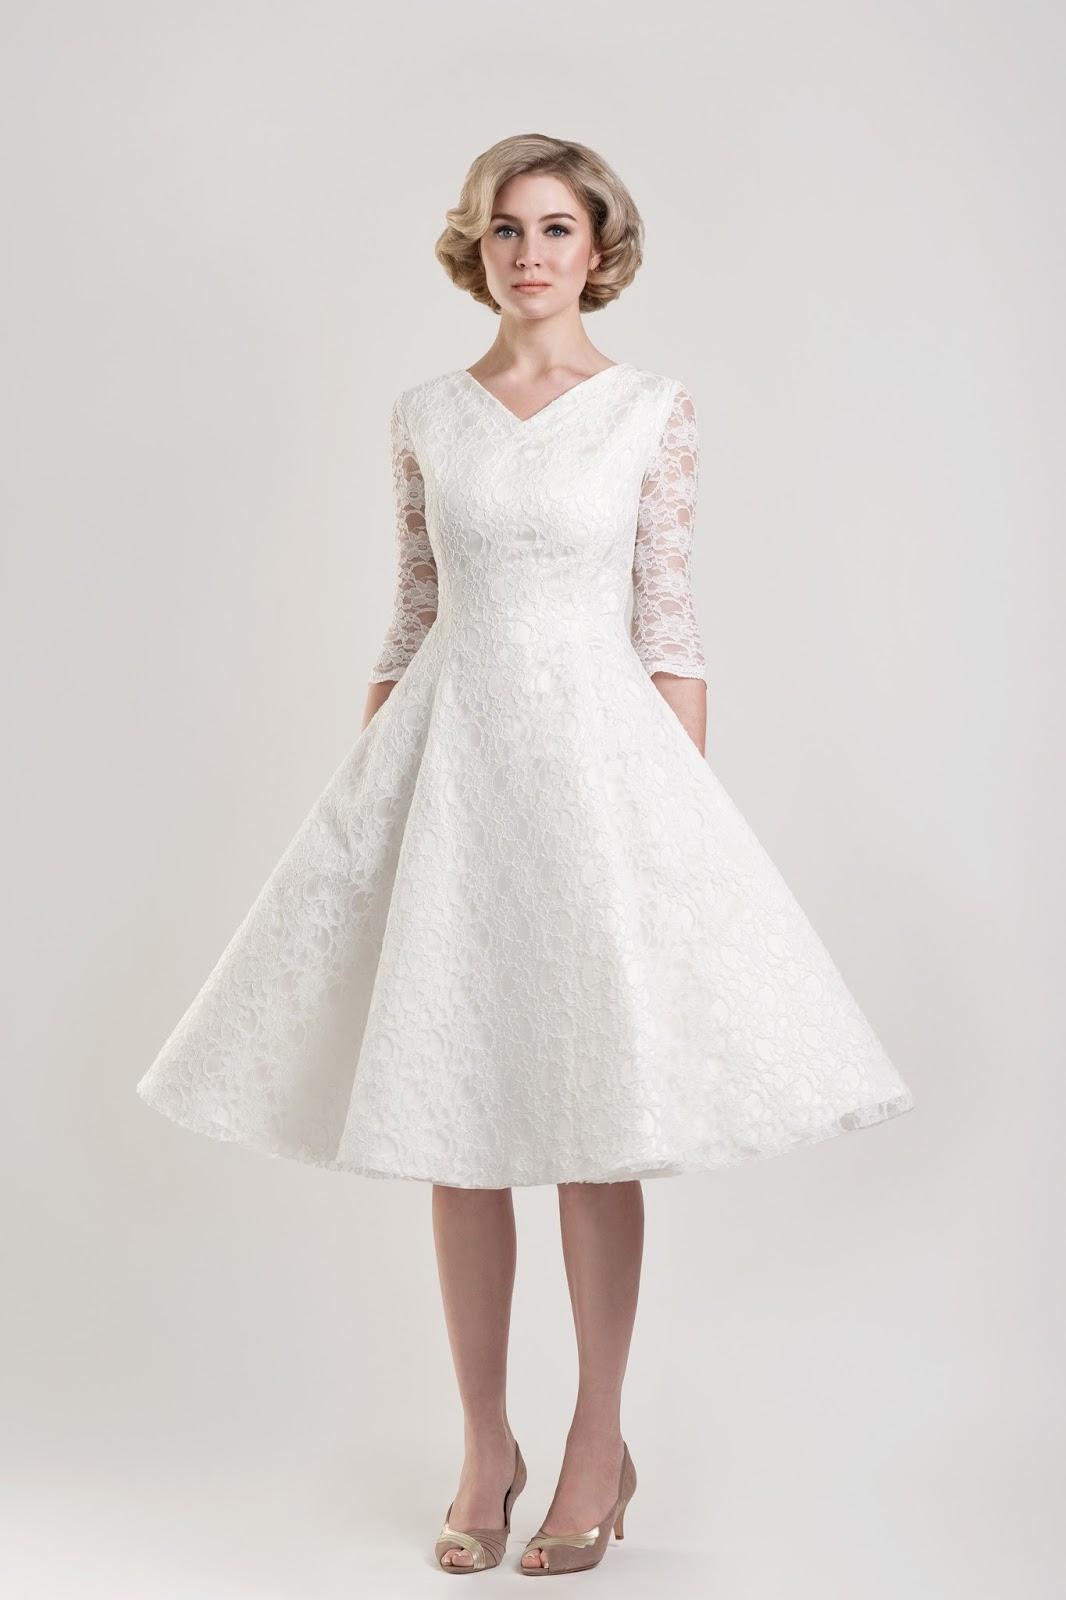 short wedding dresses for older brides photo - 1